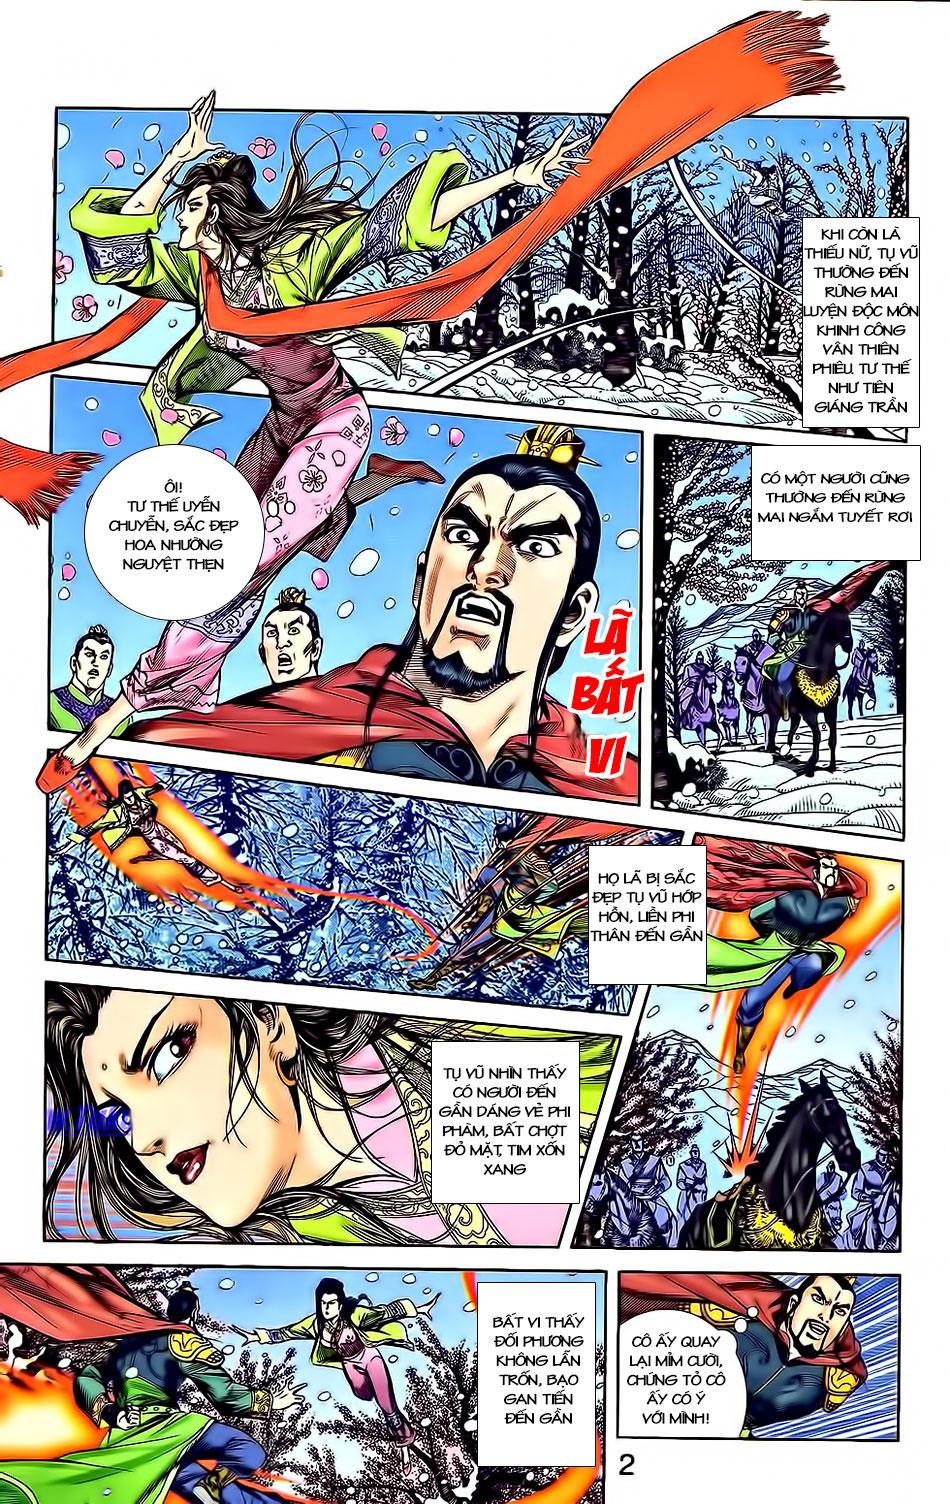 Tần Vương Doanh Chính chapter 3 trang 7